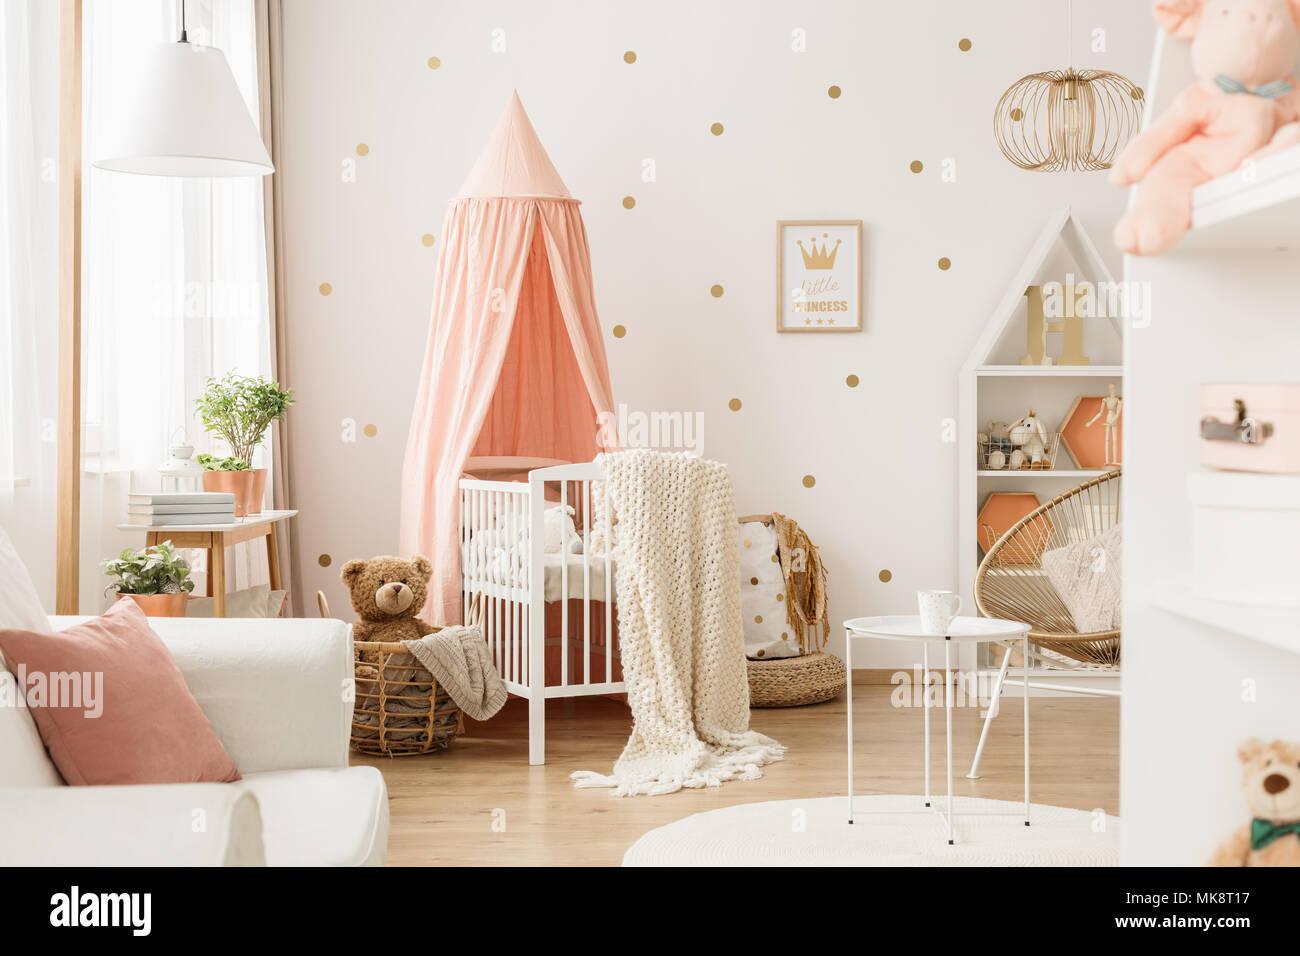 Helle Kinderzimmer Einrichtung Mit Weißen Krippe Dekoration Poster